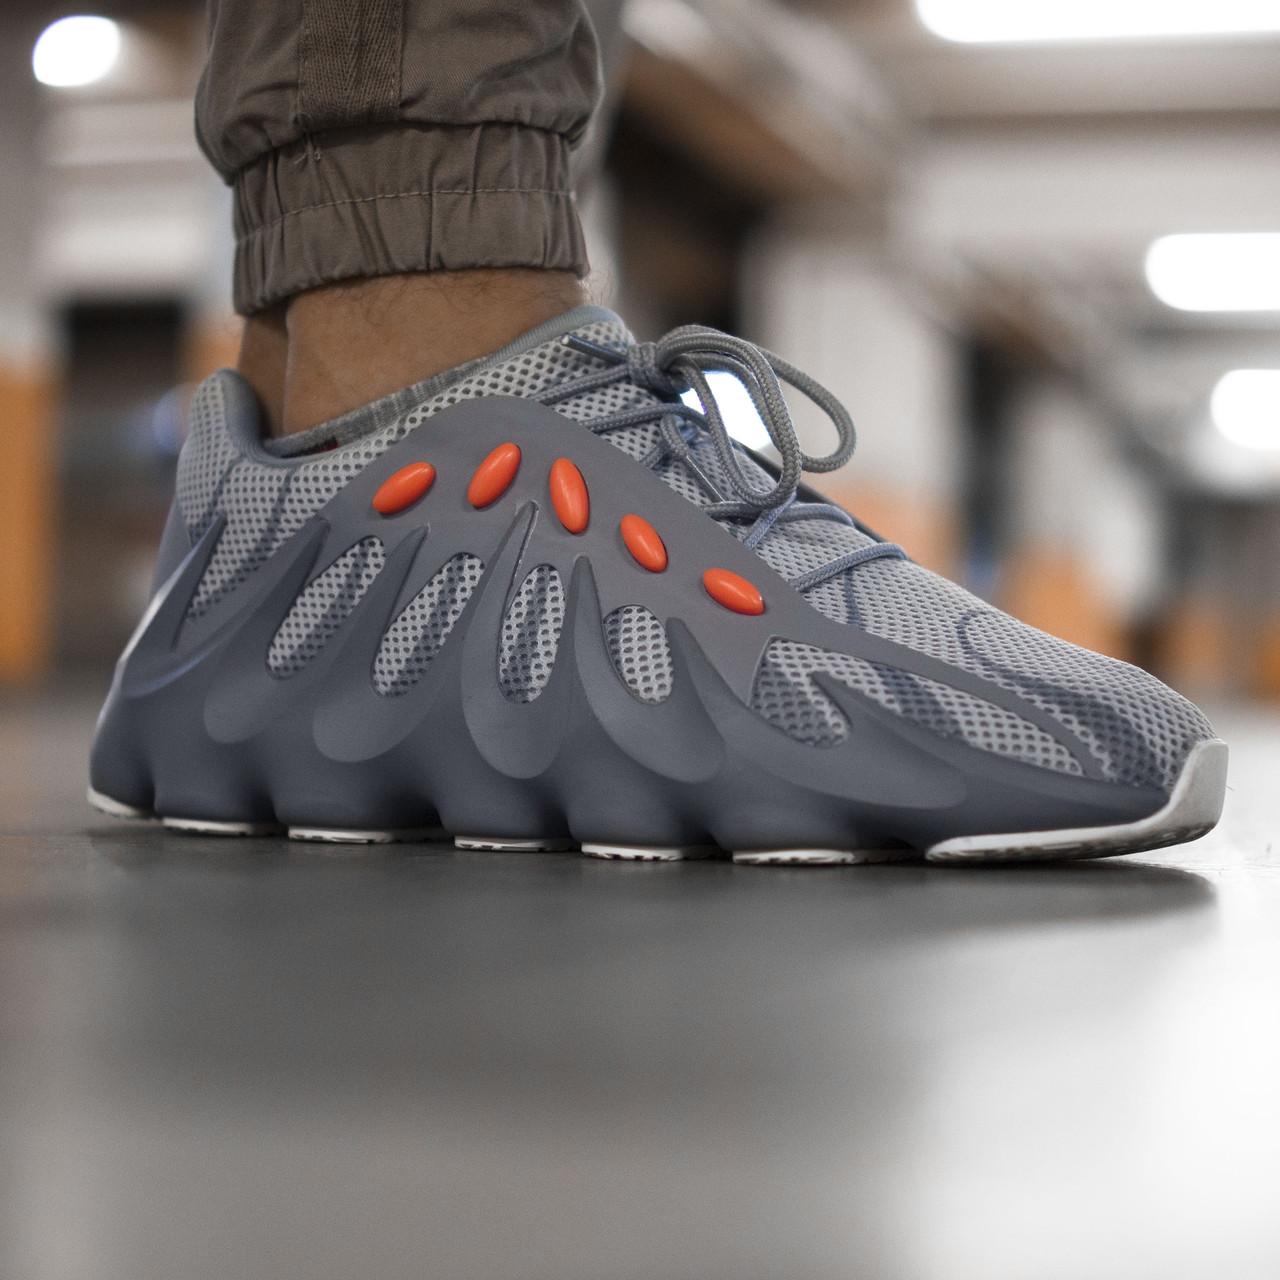 Мужские кроссовки Adidas Yeezy  451, Реплика